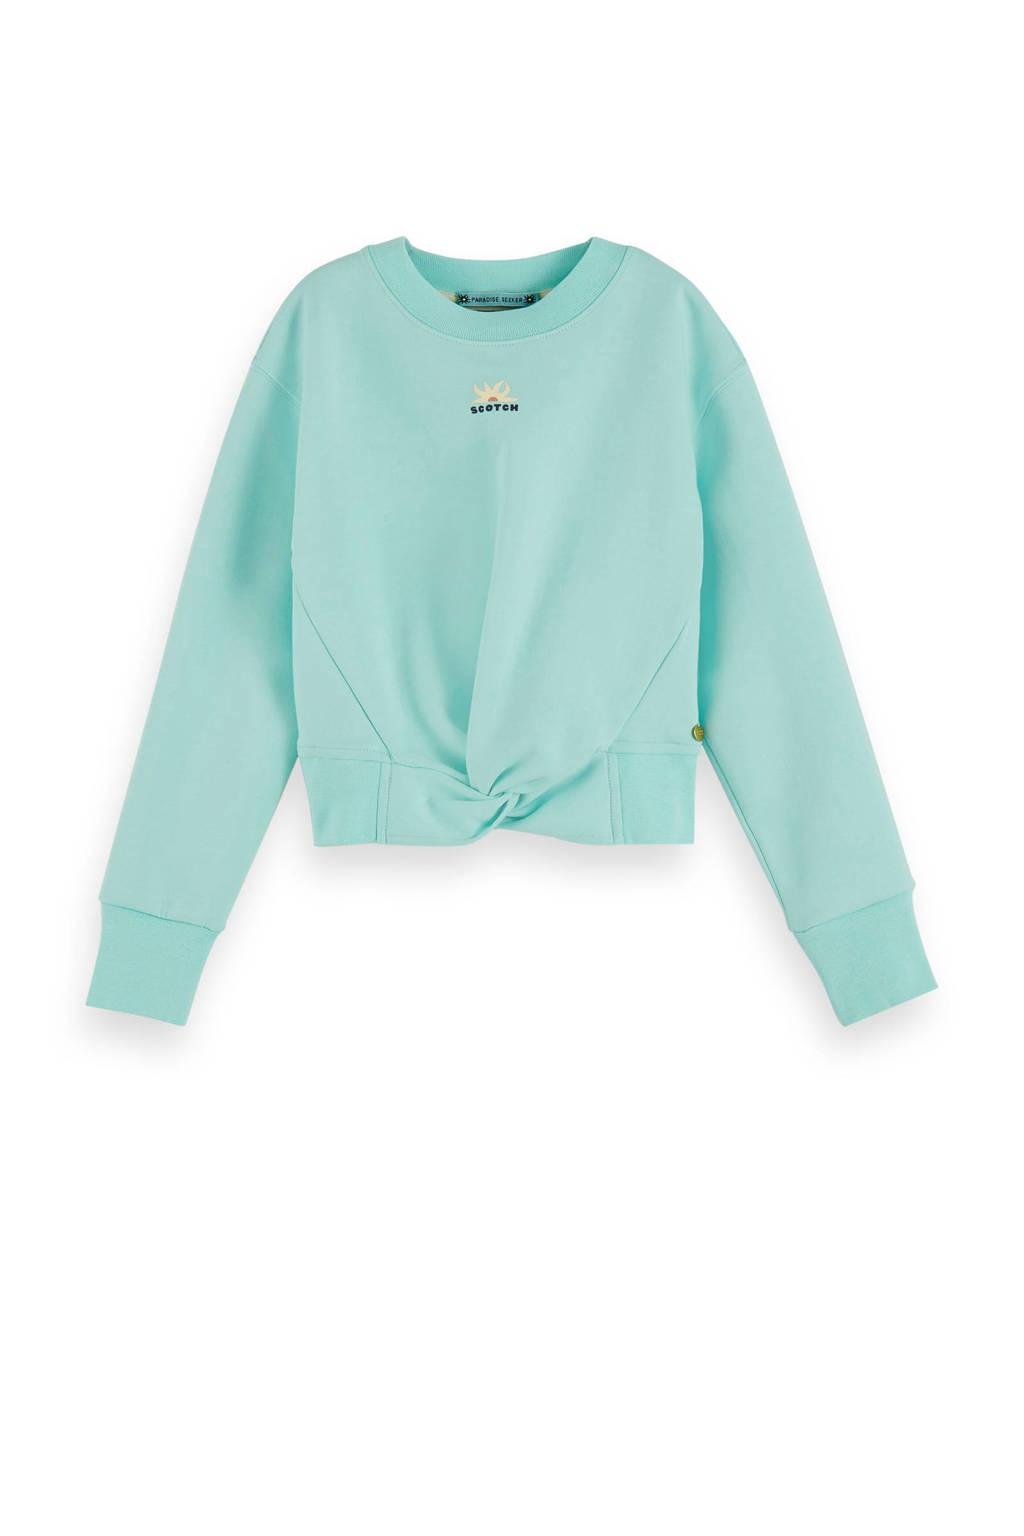 Scotch & Soda cropped sweater lichtblauw, Lichtblauw